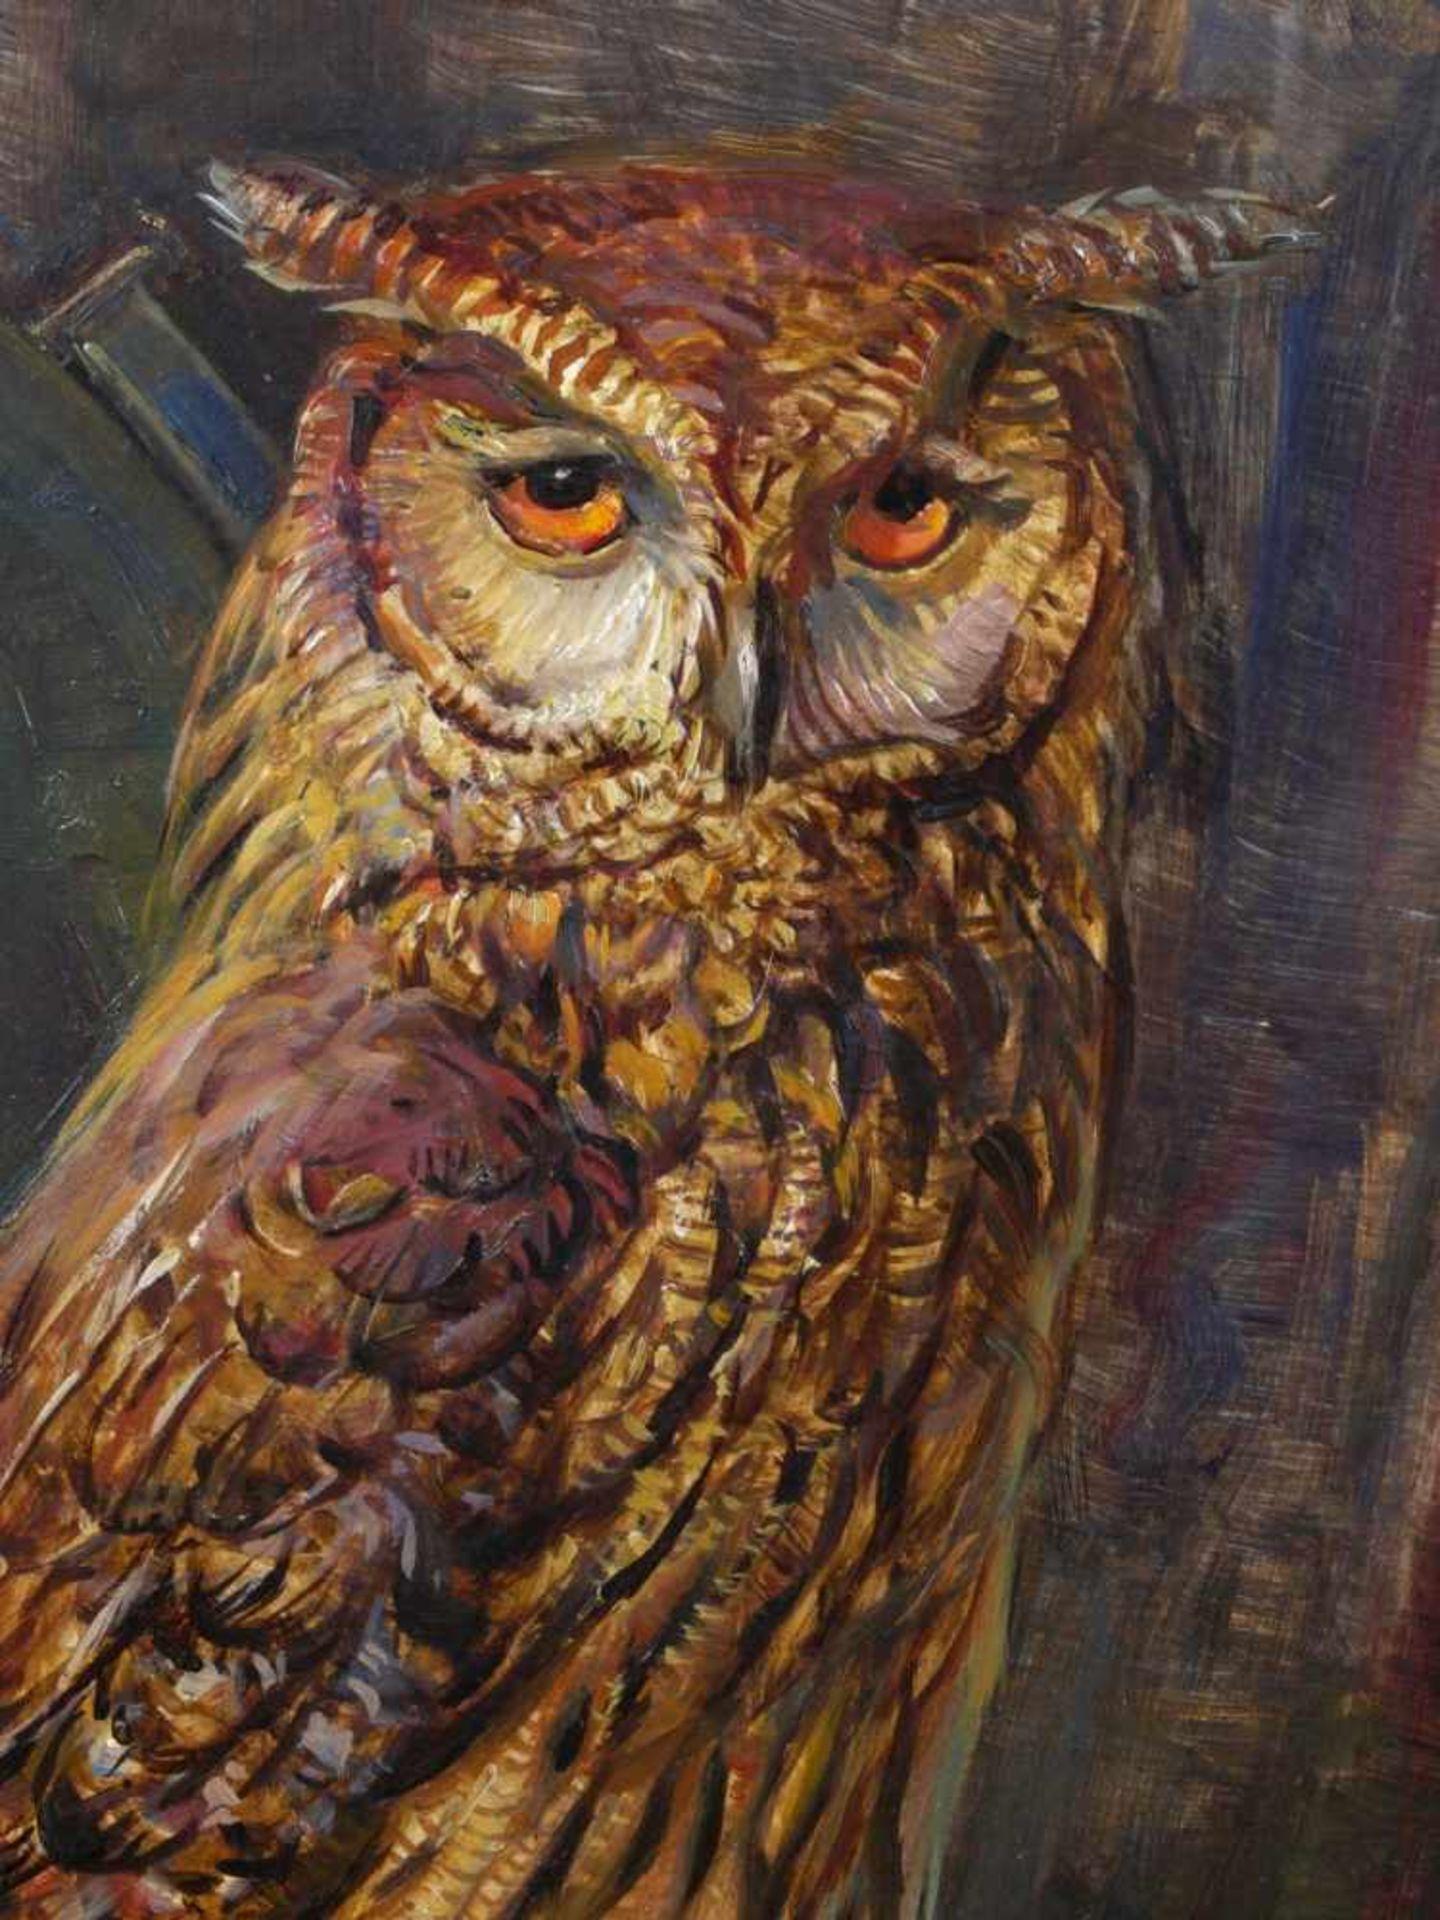 Kugler, Heinrich (1888- ca. 1946) - Symbolträchtiges Stillleben NürnbergGroßformatiges Gemälde in Öl - Bild 8 aus 8